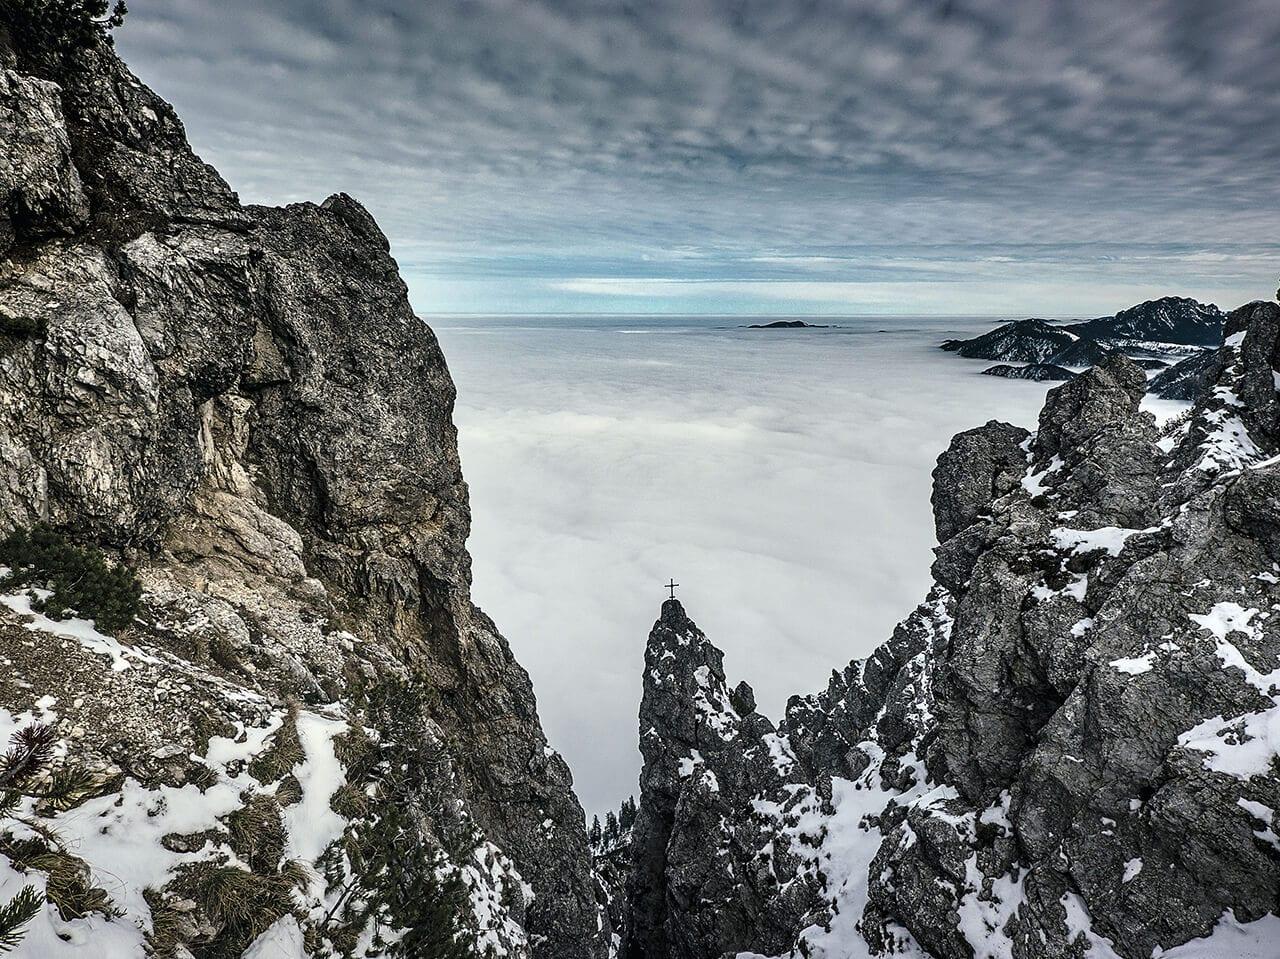 Fotografie aus einem Berg Buch mit dem Namen Ocean of Clouds erschienen im Sieveking Verlag